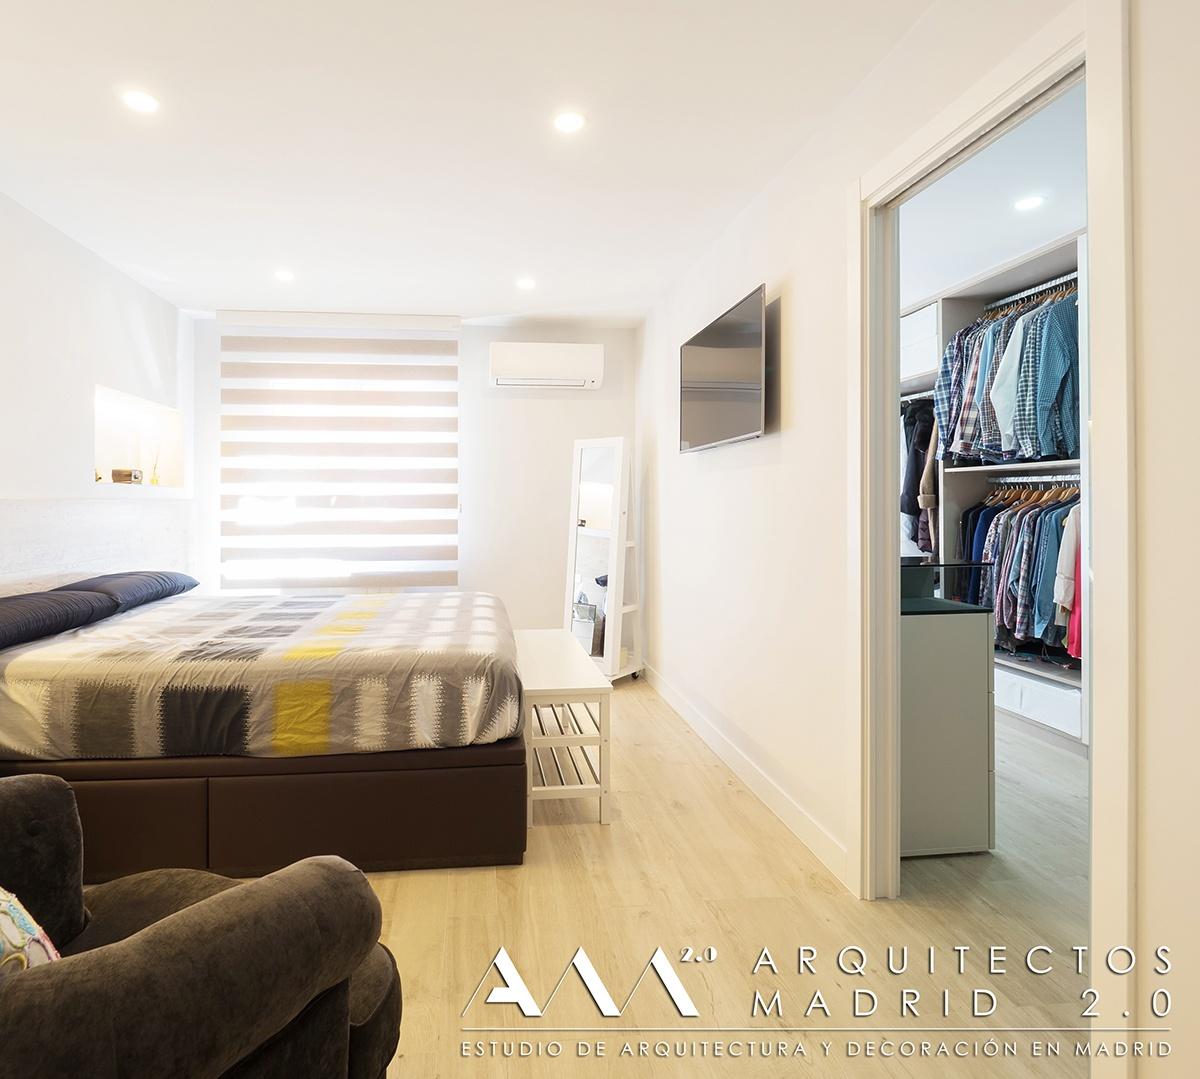 suelo-imitacion-madera-porcelanico-gres-reforma-vivienda-dormitorio-cabecero-01